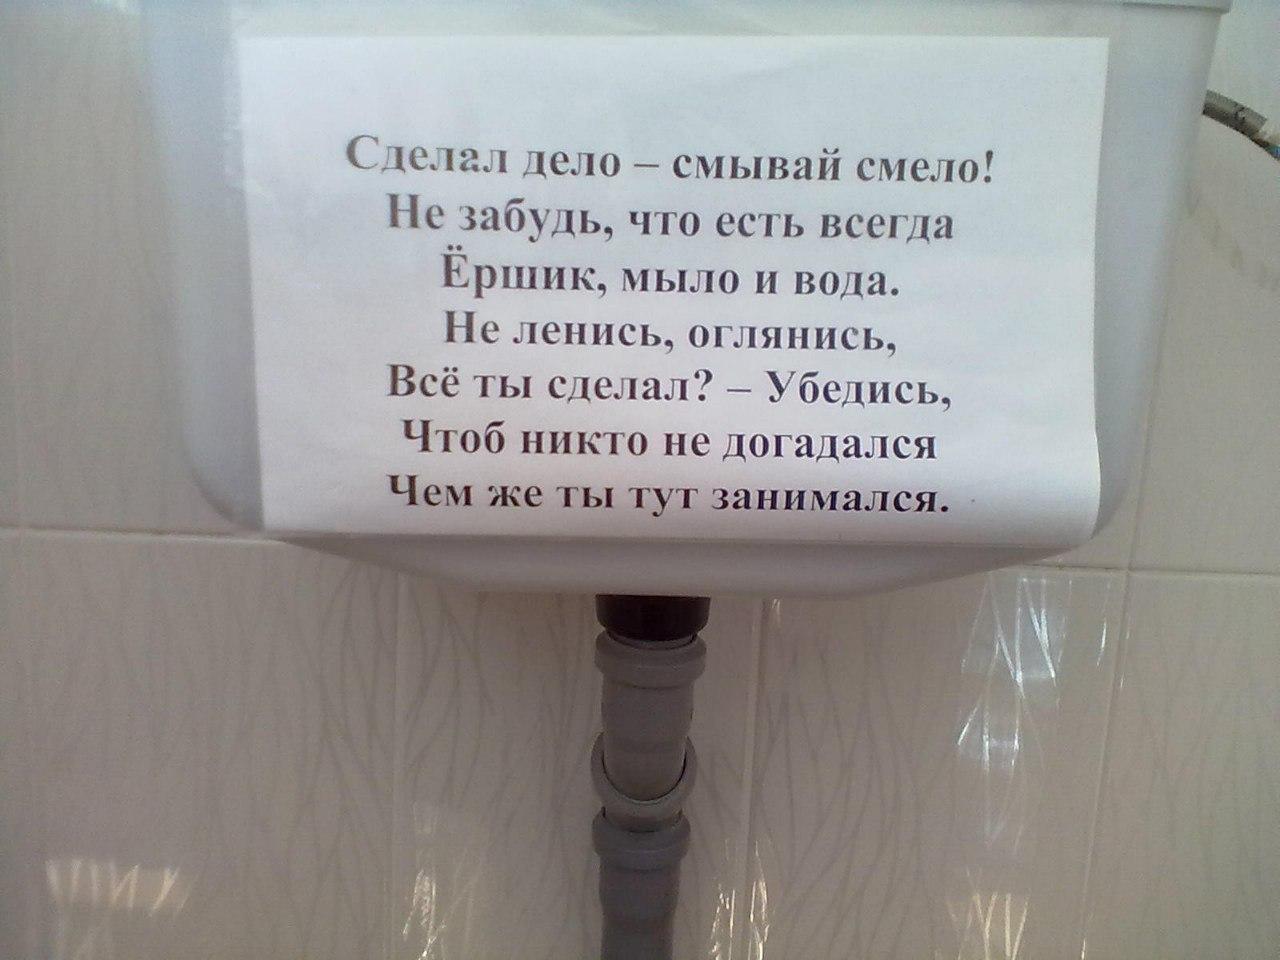 Картинки с надписью смывайте за собой в туалете картинки